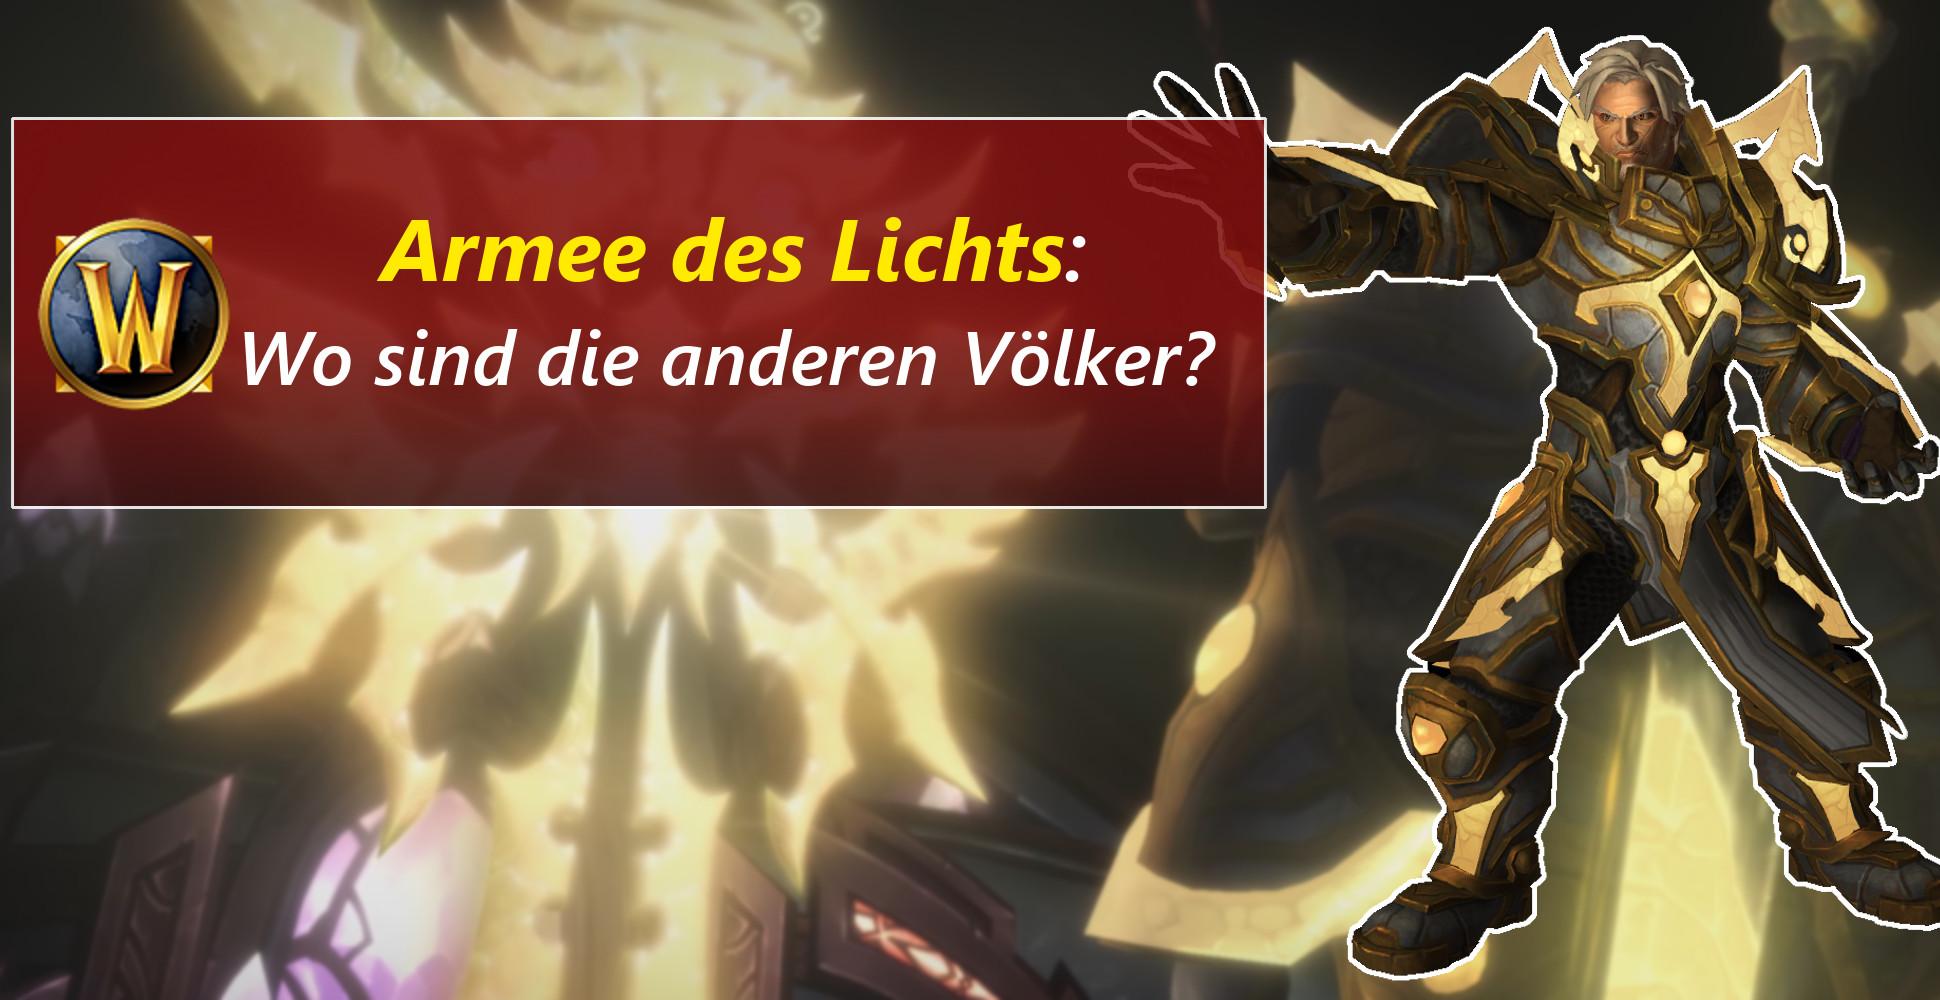 WoW: Die Armee des Lichts – eine vertane Chance?